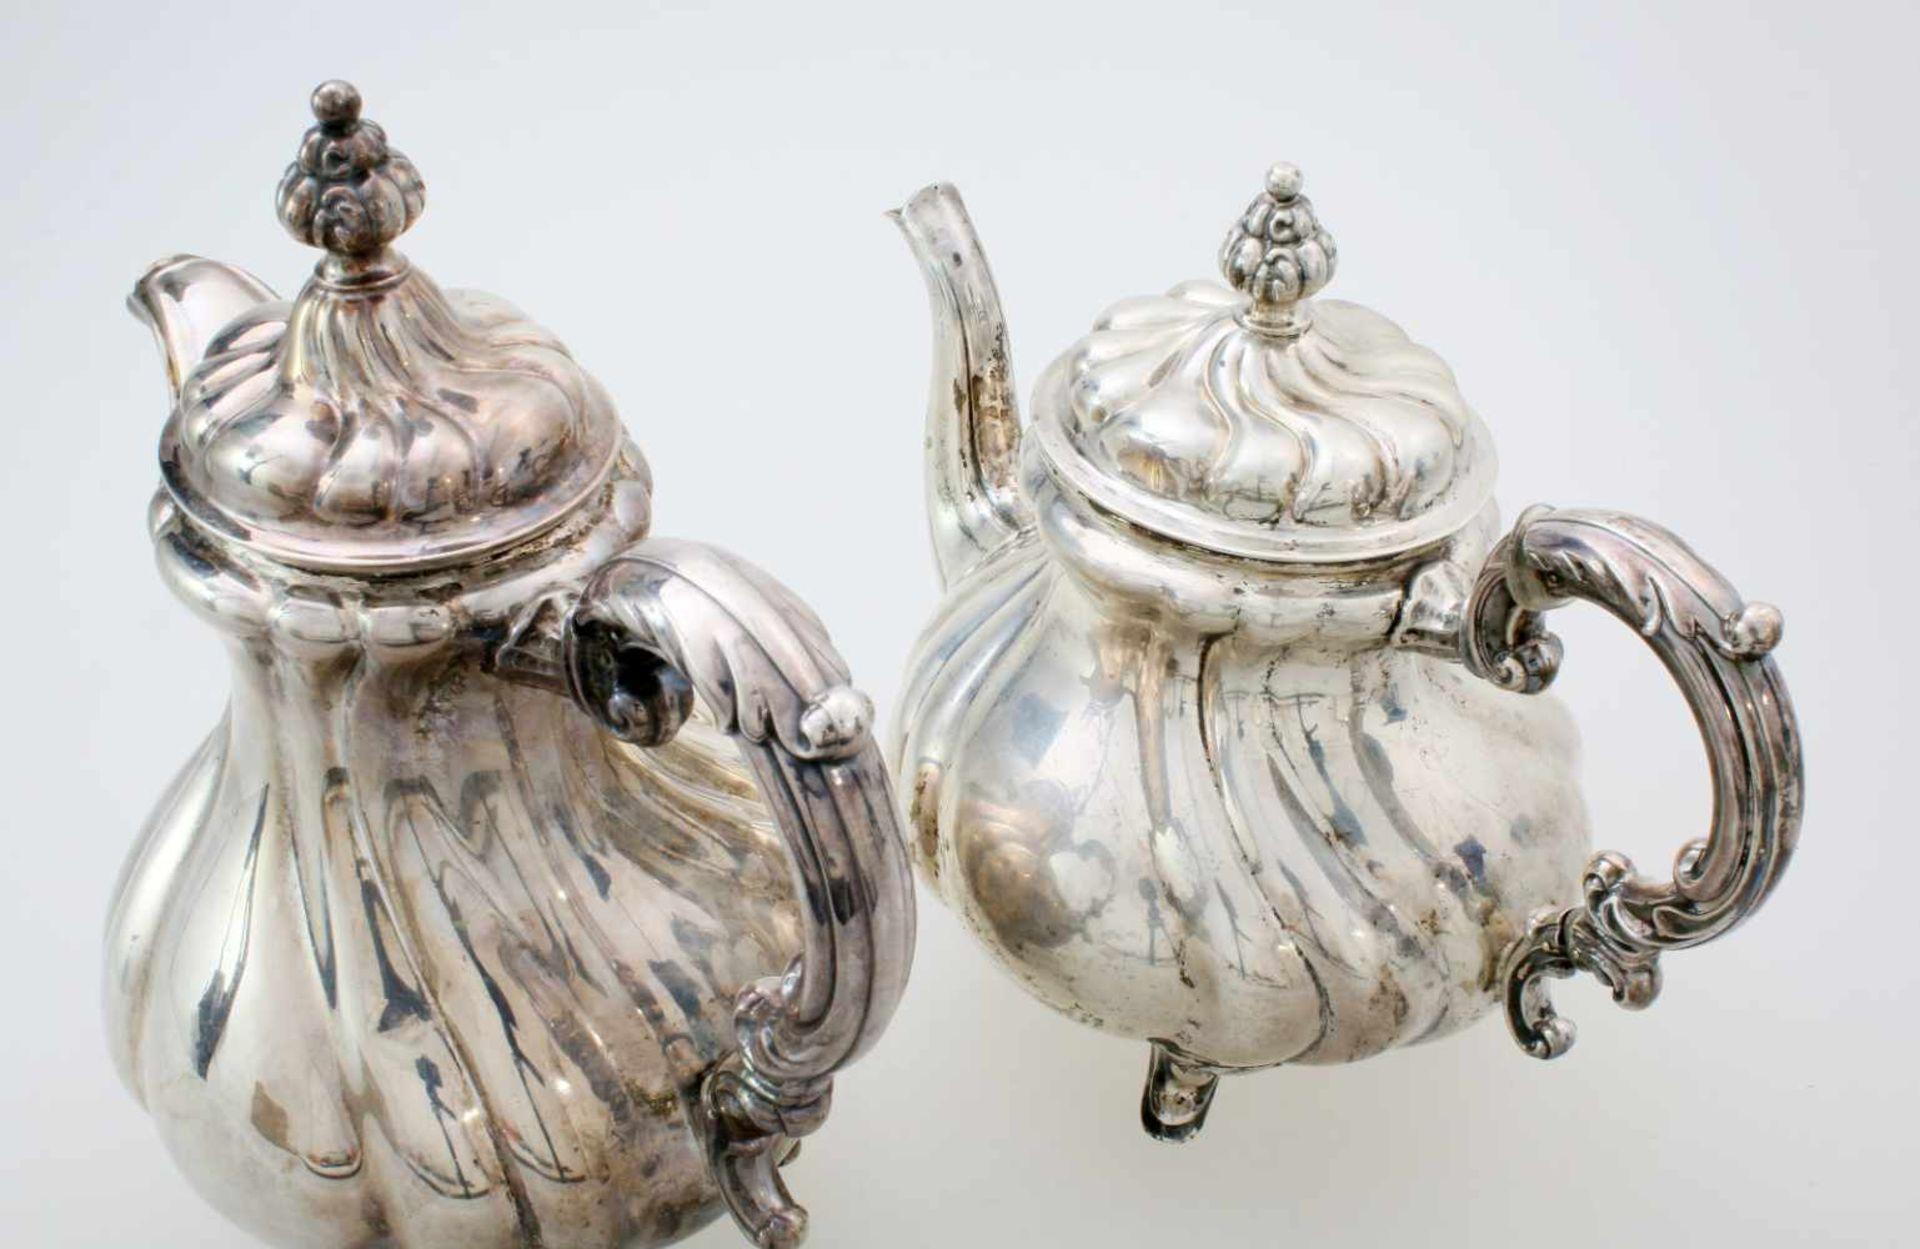 2 silberne Tee- und KaffeekannenBeide Kannen godronierter, bauchiger Korpus, Deckel en suite, - Bild 3 aus 5